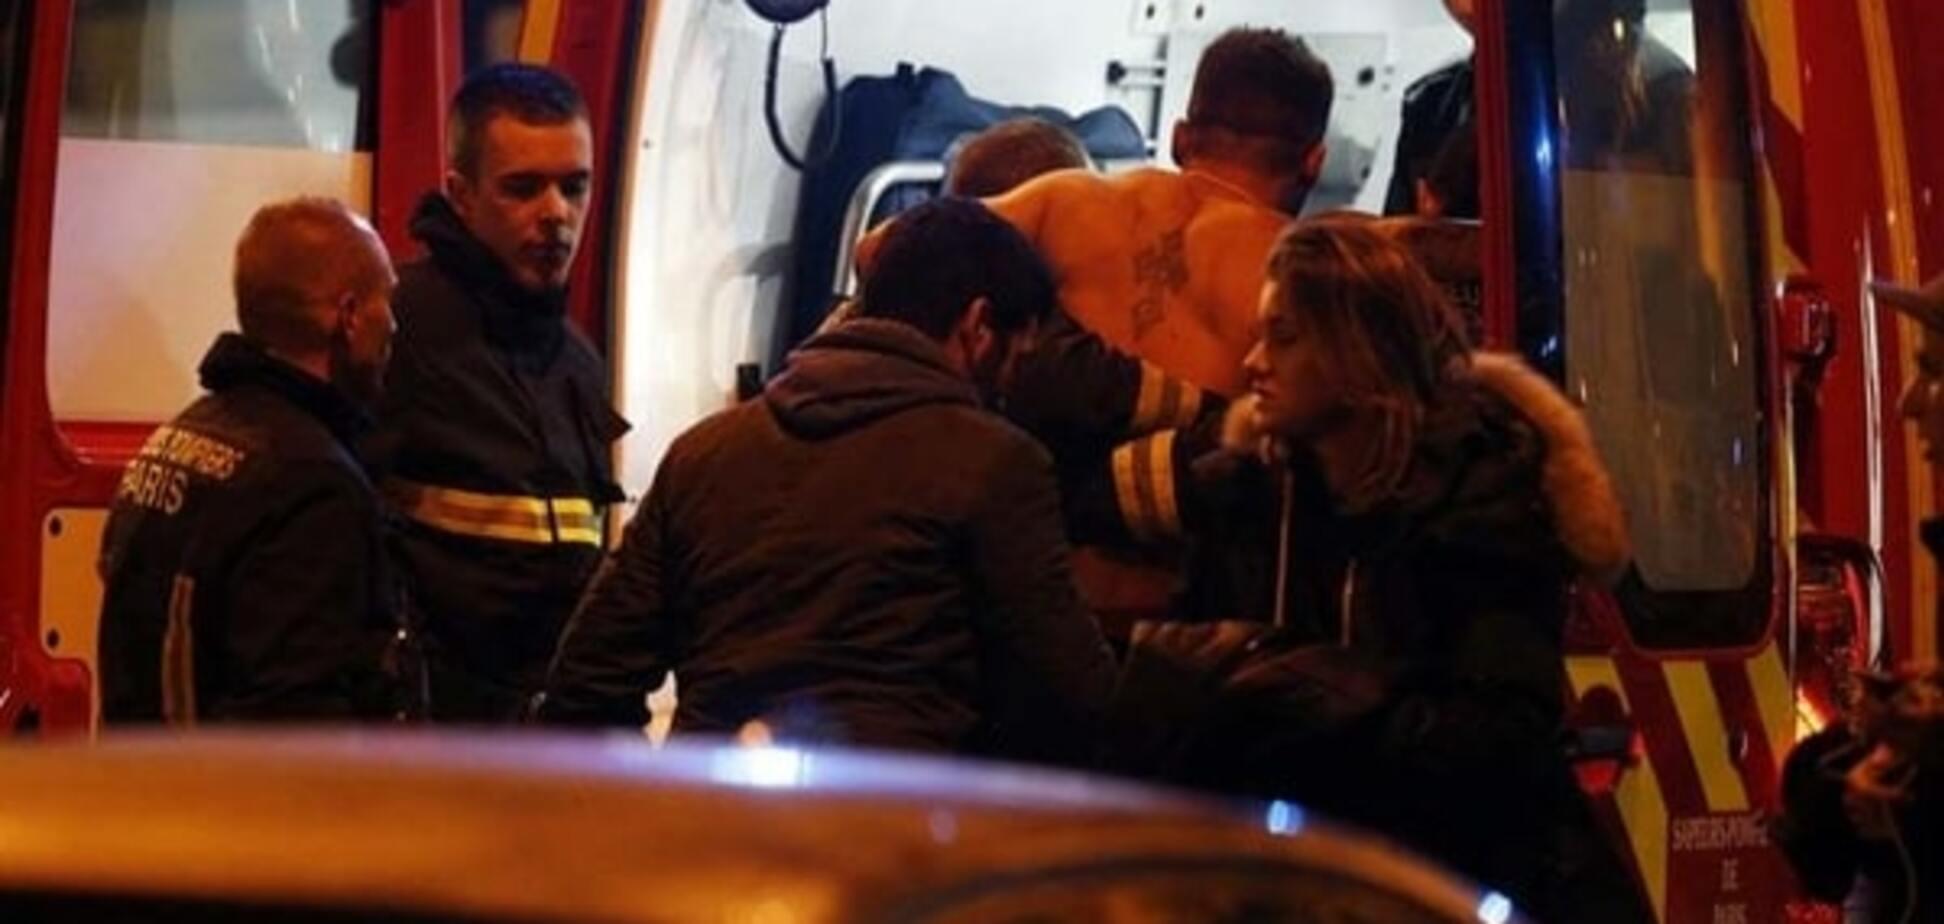 Теракты в Париже: количество арестованных подозреваемых в Бельгии выросло до семи